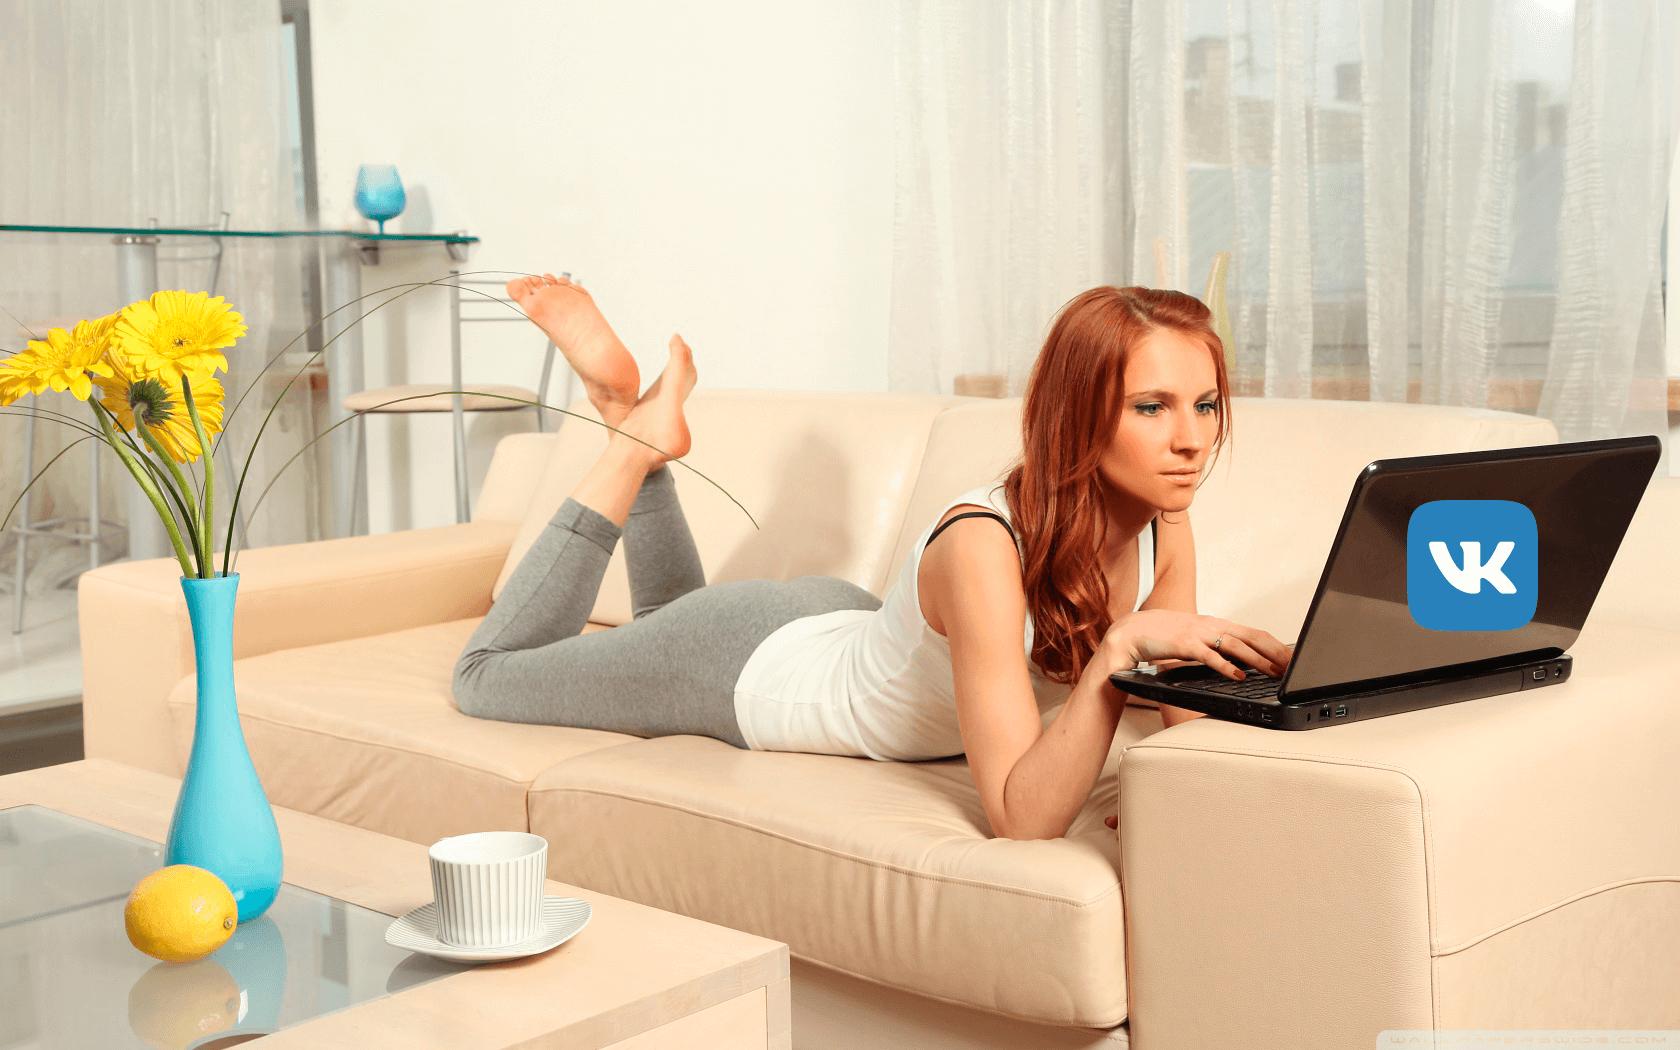 фото деловая женщина в домашней обстановке